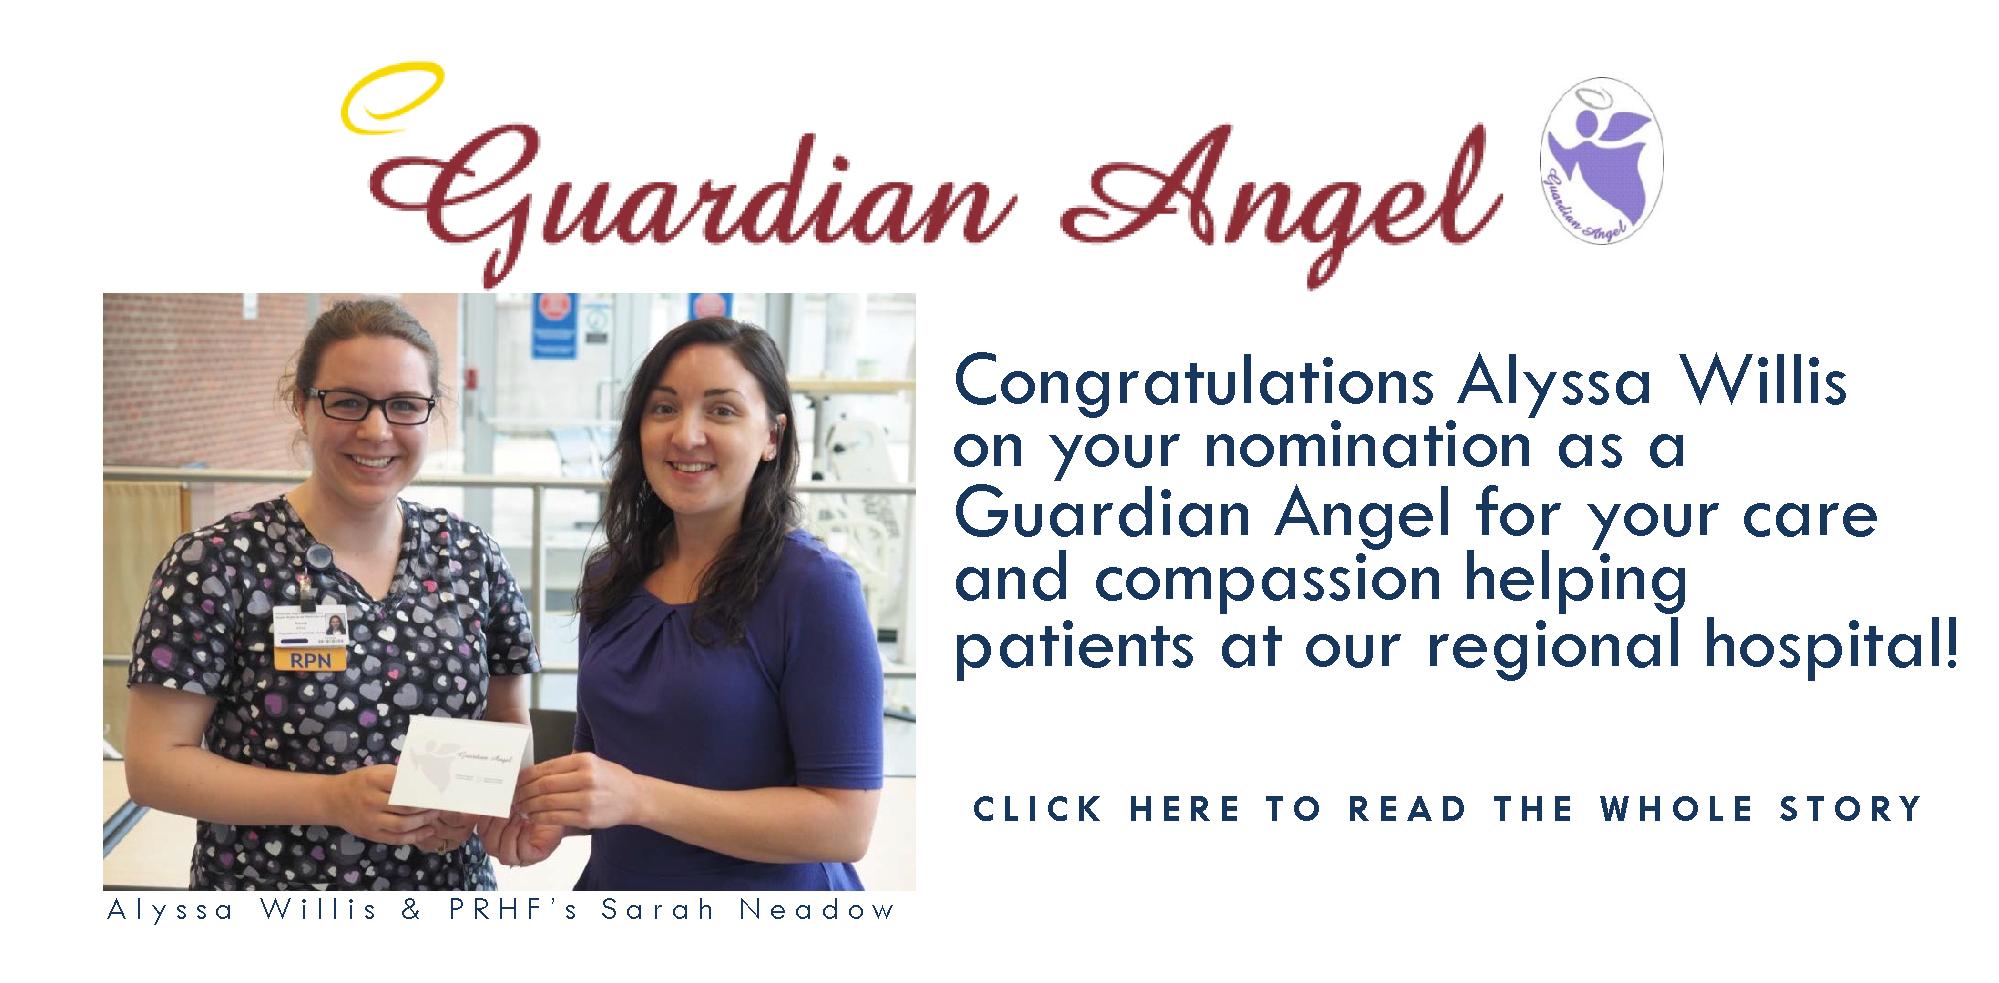 Alyssa-Willis-Banner-for-Guardian-Angels